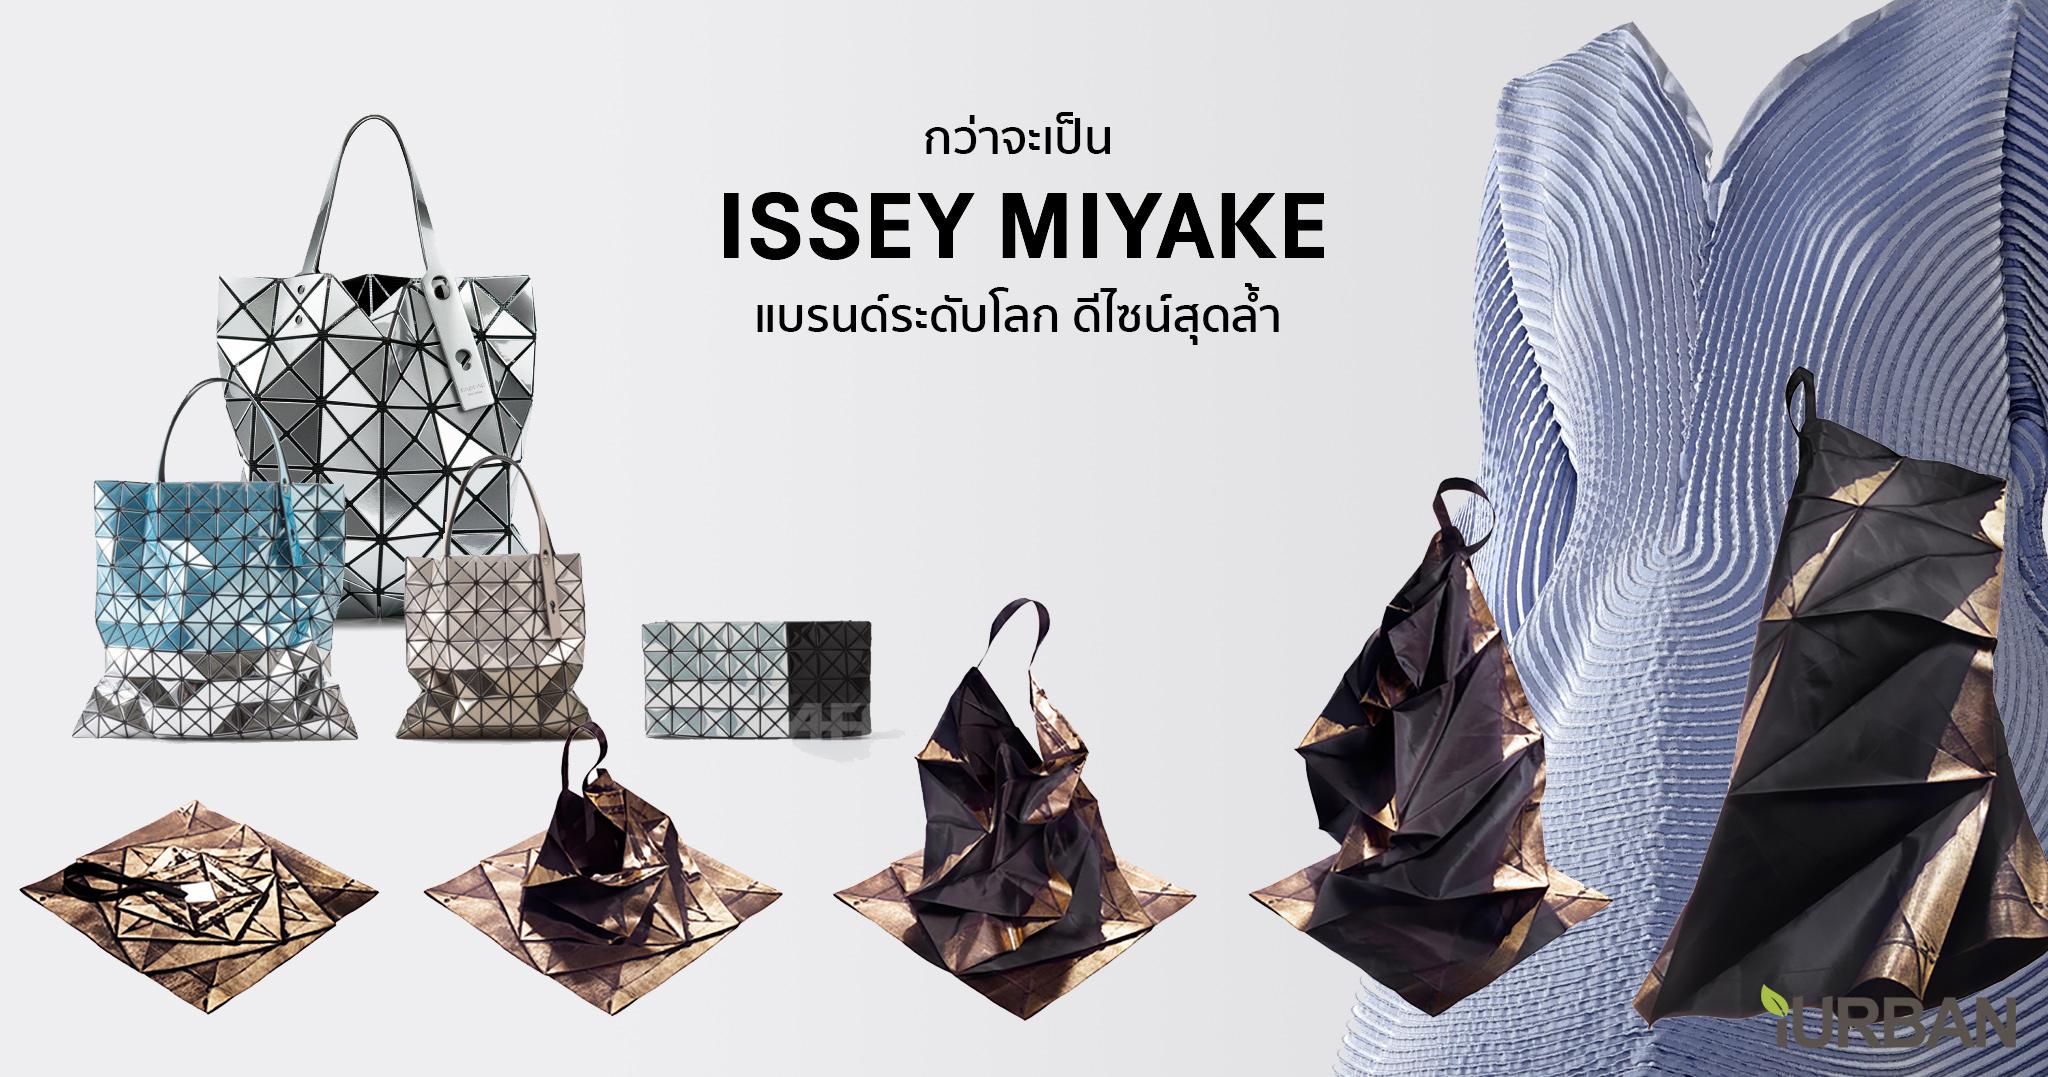 """กว่าจะมาเป็น """"อิซเซ่ มิยะเกะ"""" (ISSEY MIYAKE) แบรนด์ระดับโลก ดีไซน์สุดล้ำ มีประวัติยาวนานกว่า 4 ทศวรรษ 2 - ISSEY MIYAKE"""